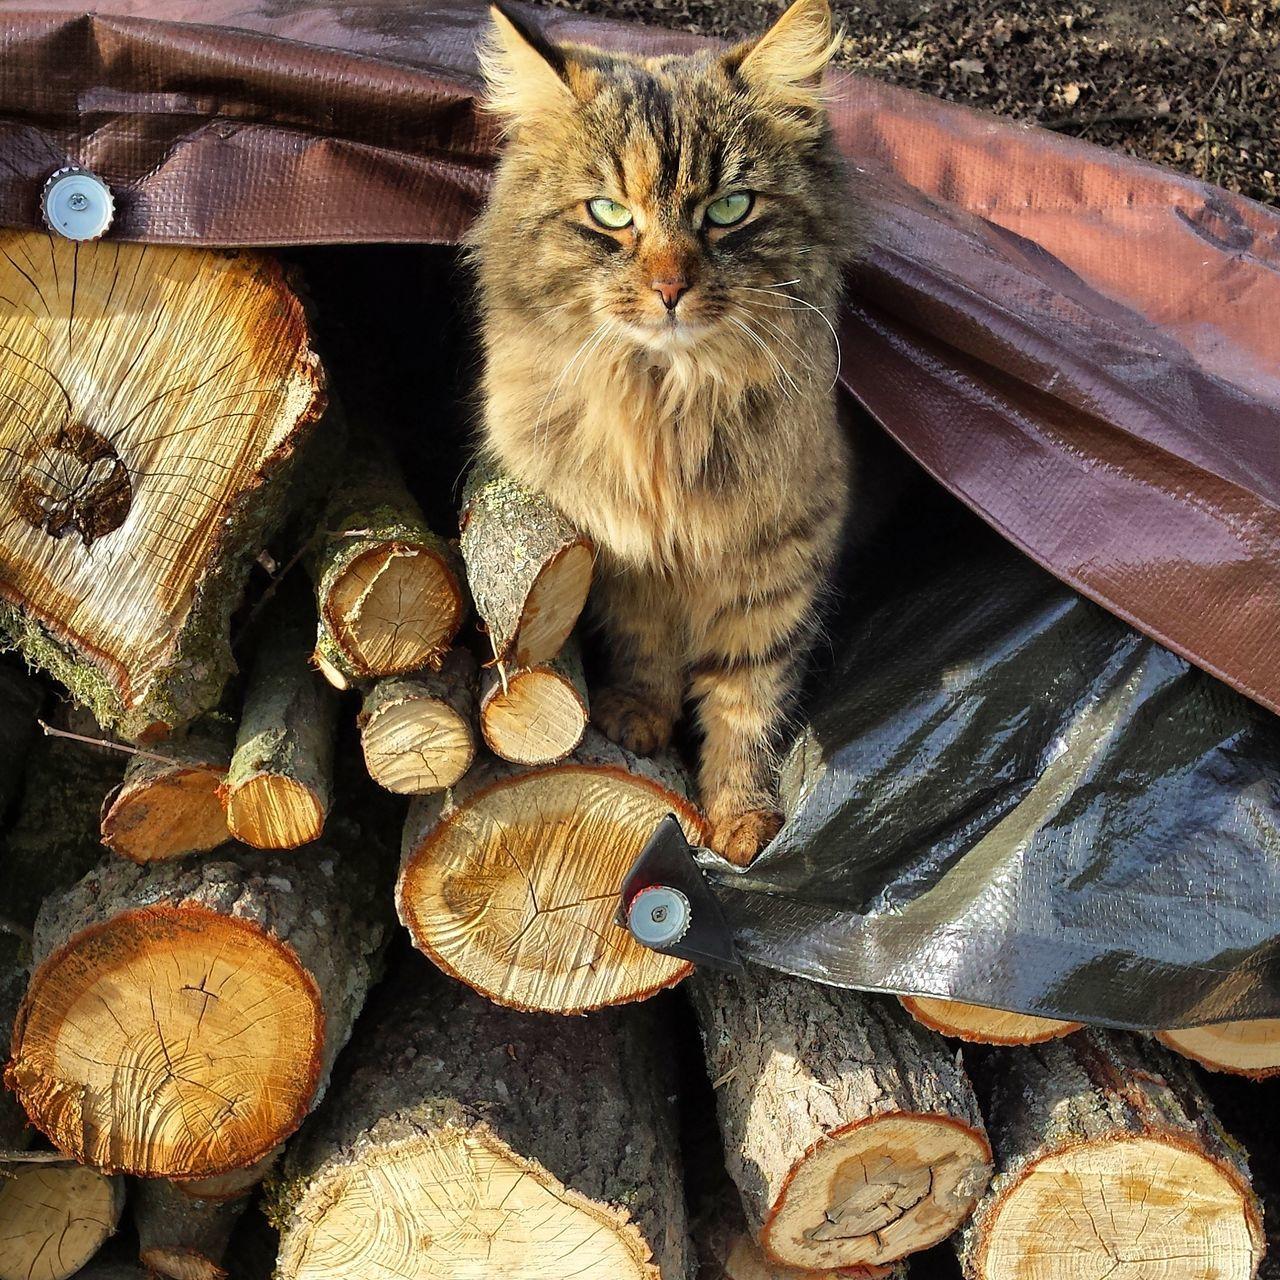 One Animal Animal Themes Domestic Cat Pets Day Cat Cats Catsoftheworld Grumpycat Grumpy Face Grumpy Cat Catlovers Catlady Animal Animallovers Catsagram Catoftheday Wood Nature